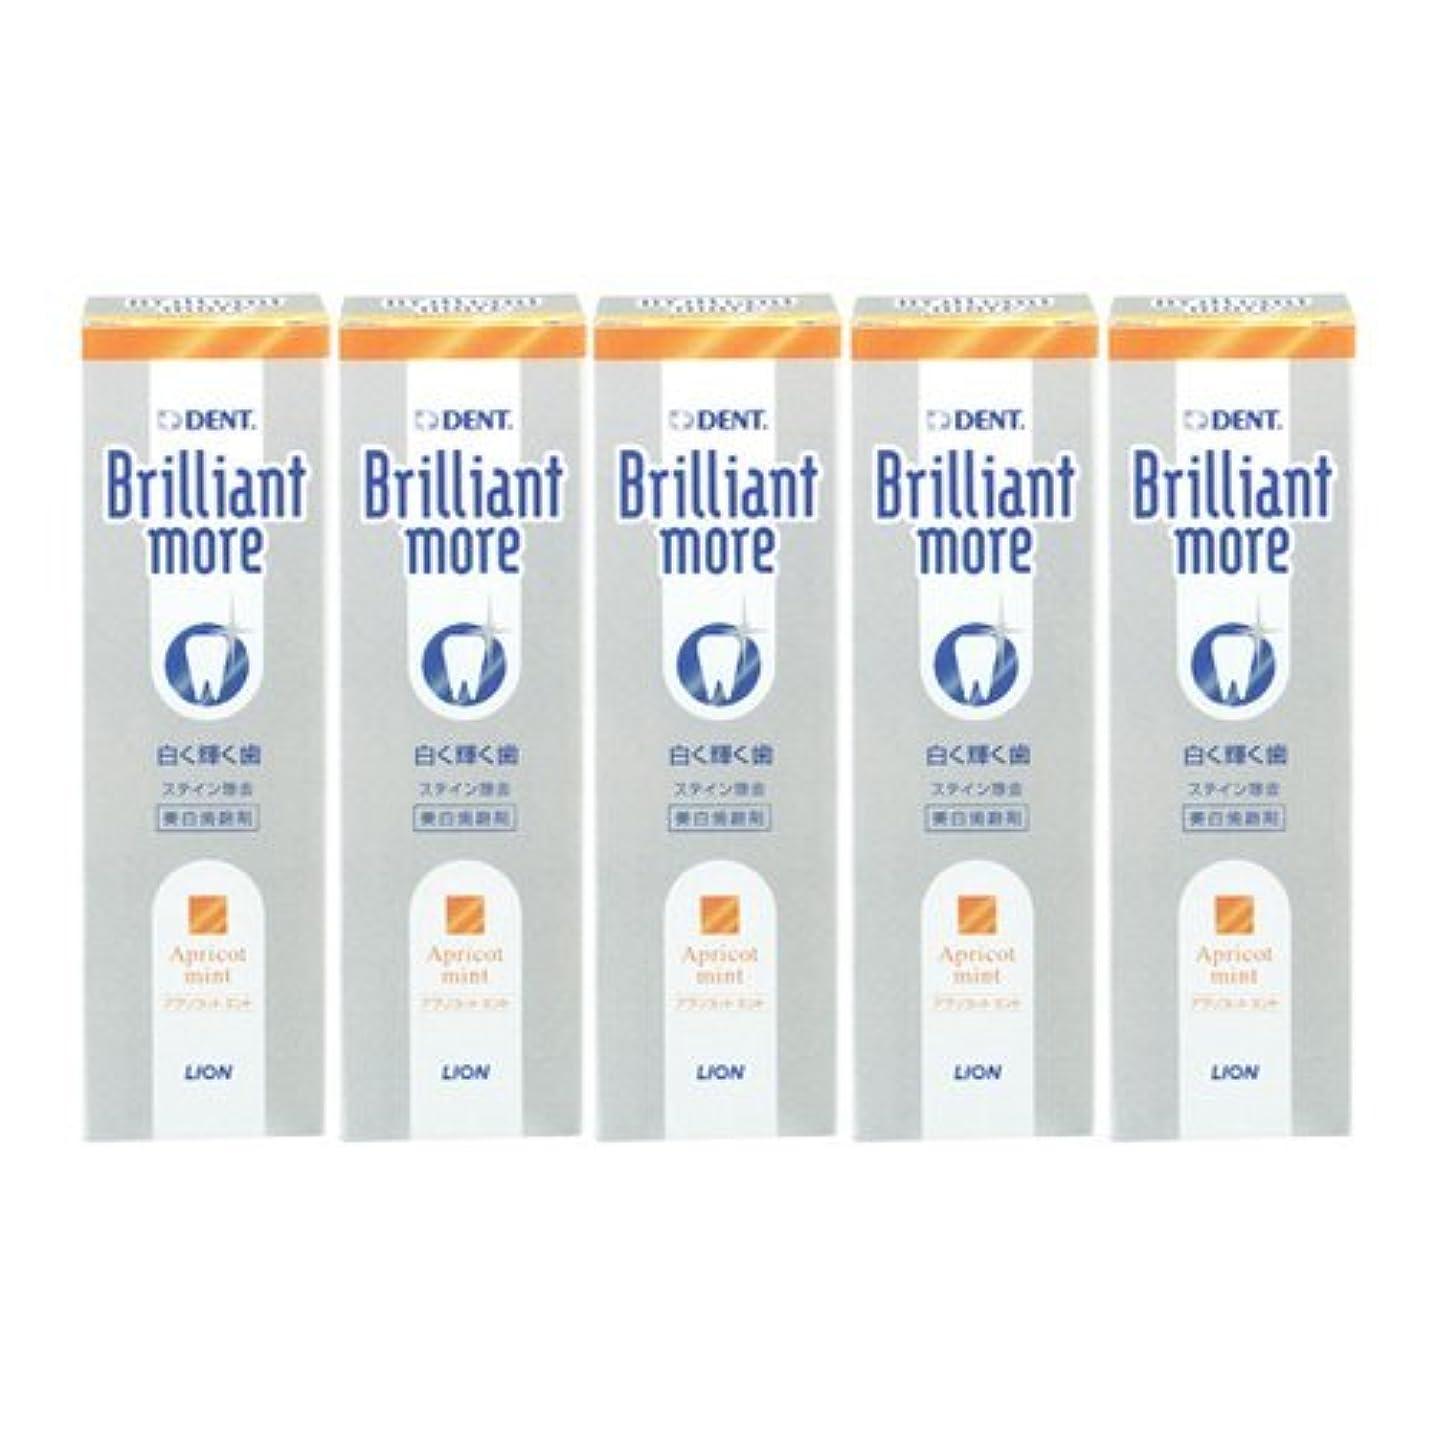 ポジティブ最愛の追い越すライオン ブリリアントモア アプリコットミント 美白歯磨剤 LION Brilliant more 5本セット